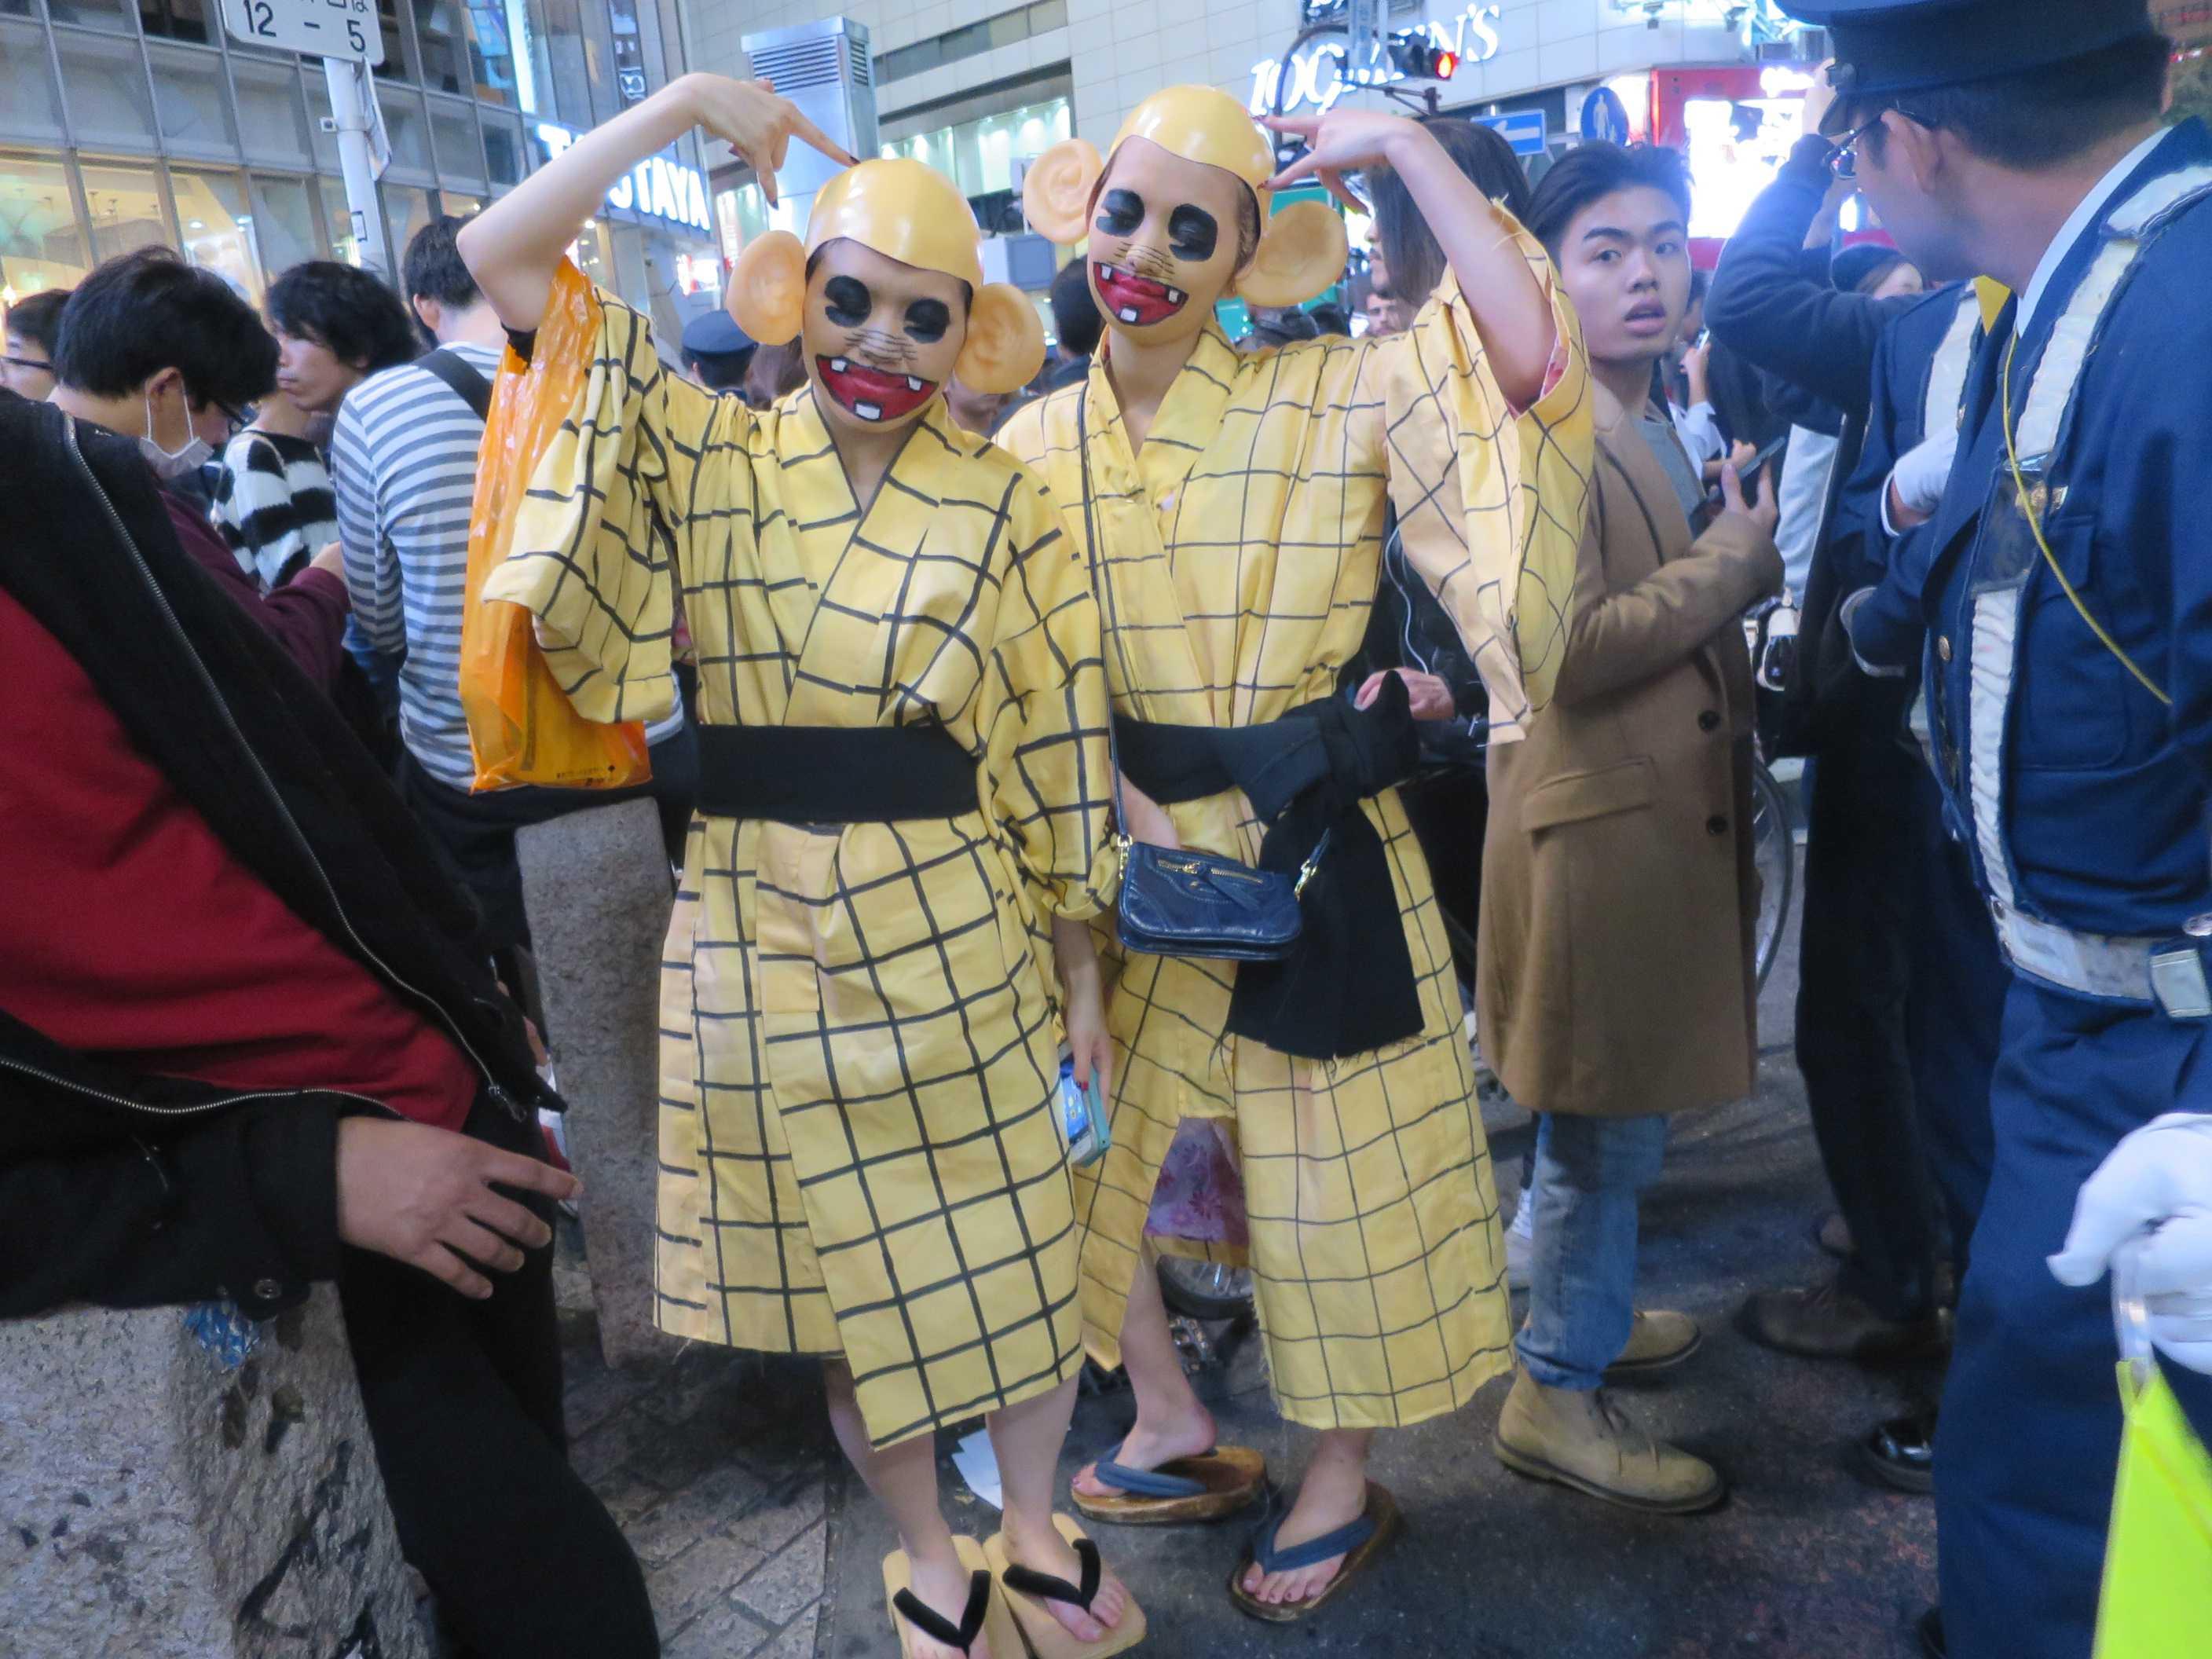 渋谷ハロウィーン - 天才バカボンのレレレのおじさん